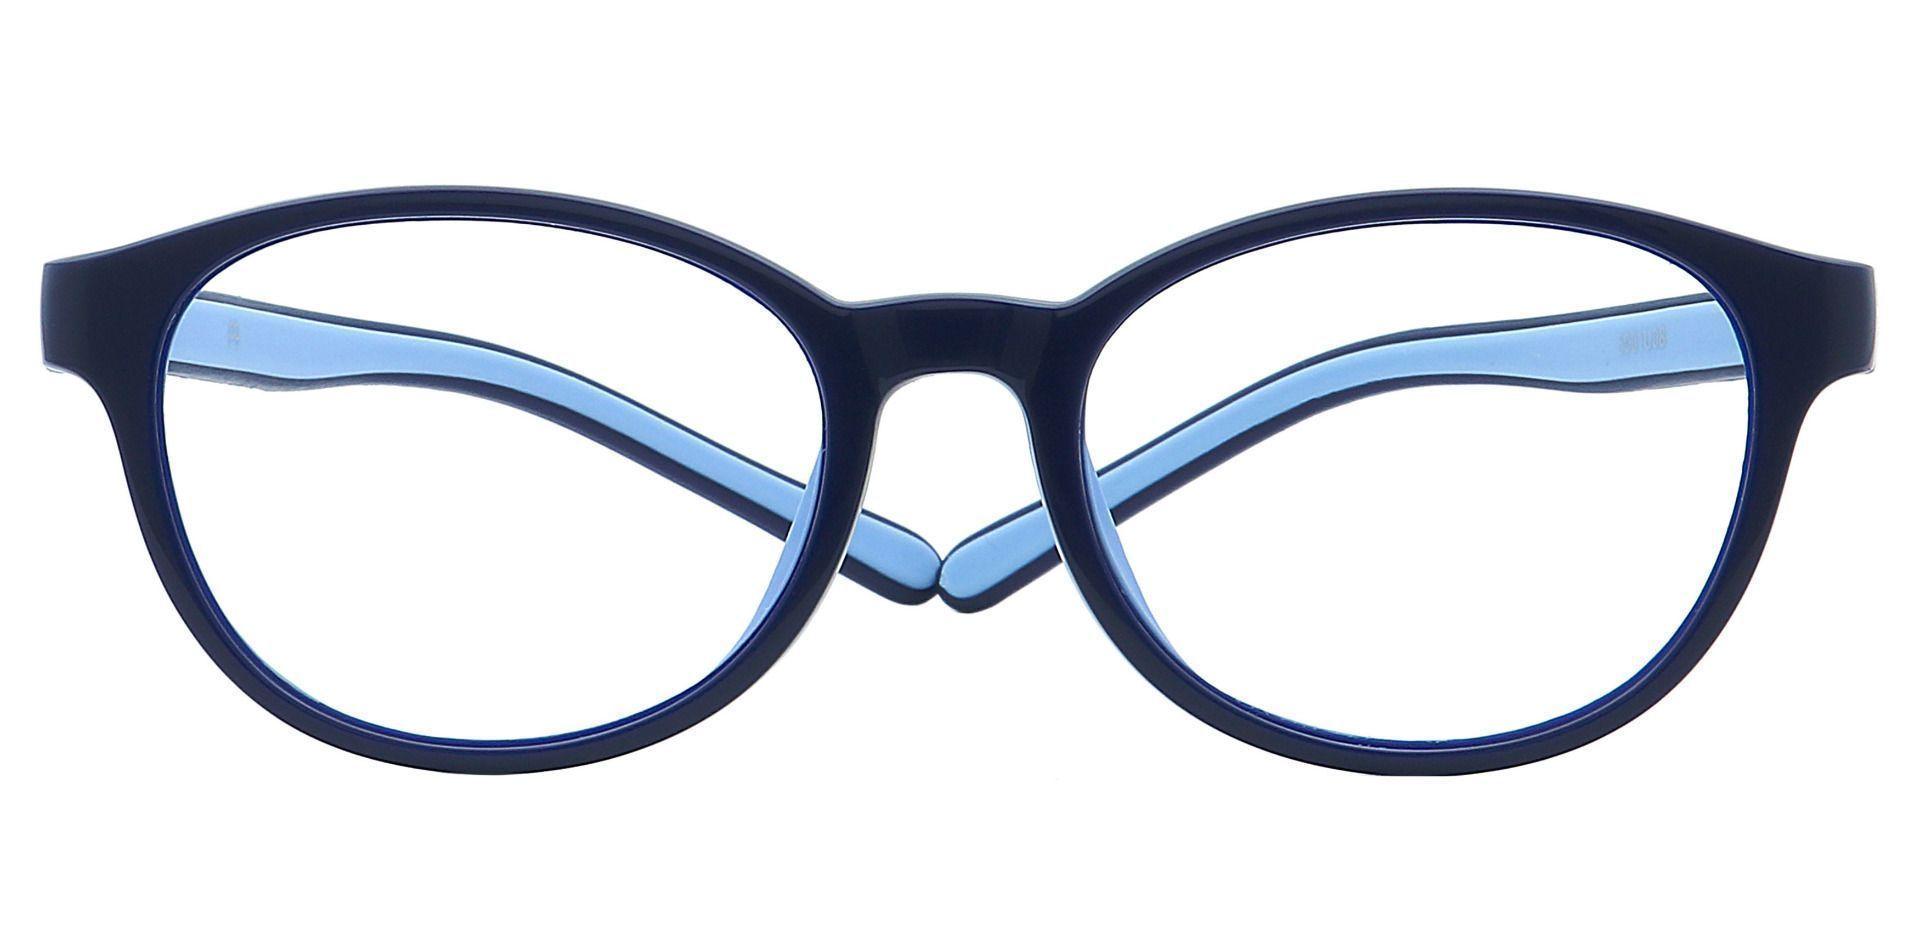 Pace Round Prescription Glasses - Blue